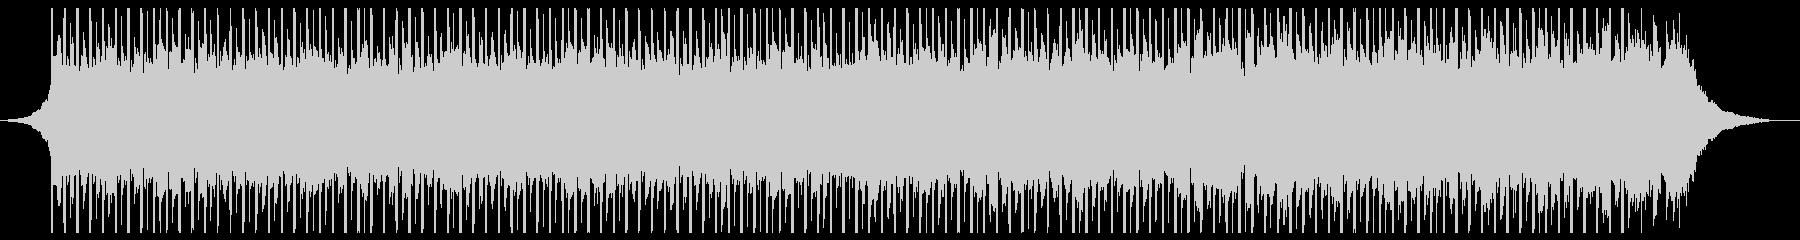 コーポレート・アップビート(中)の未再生の波形